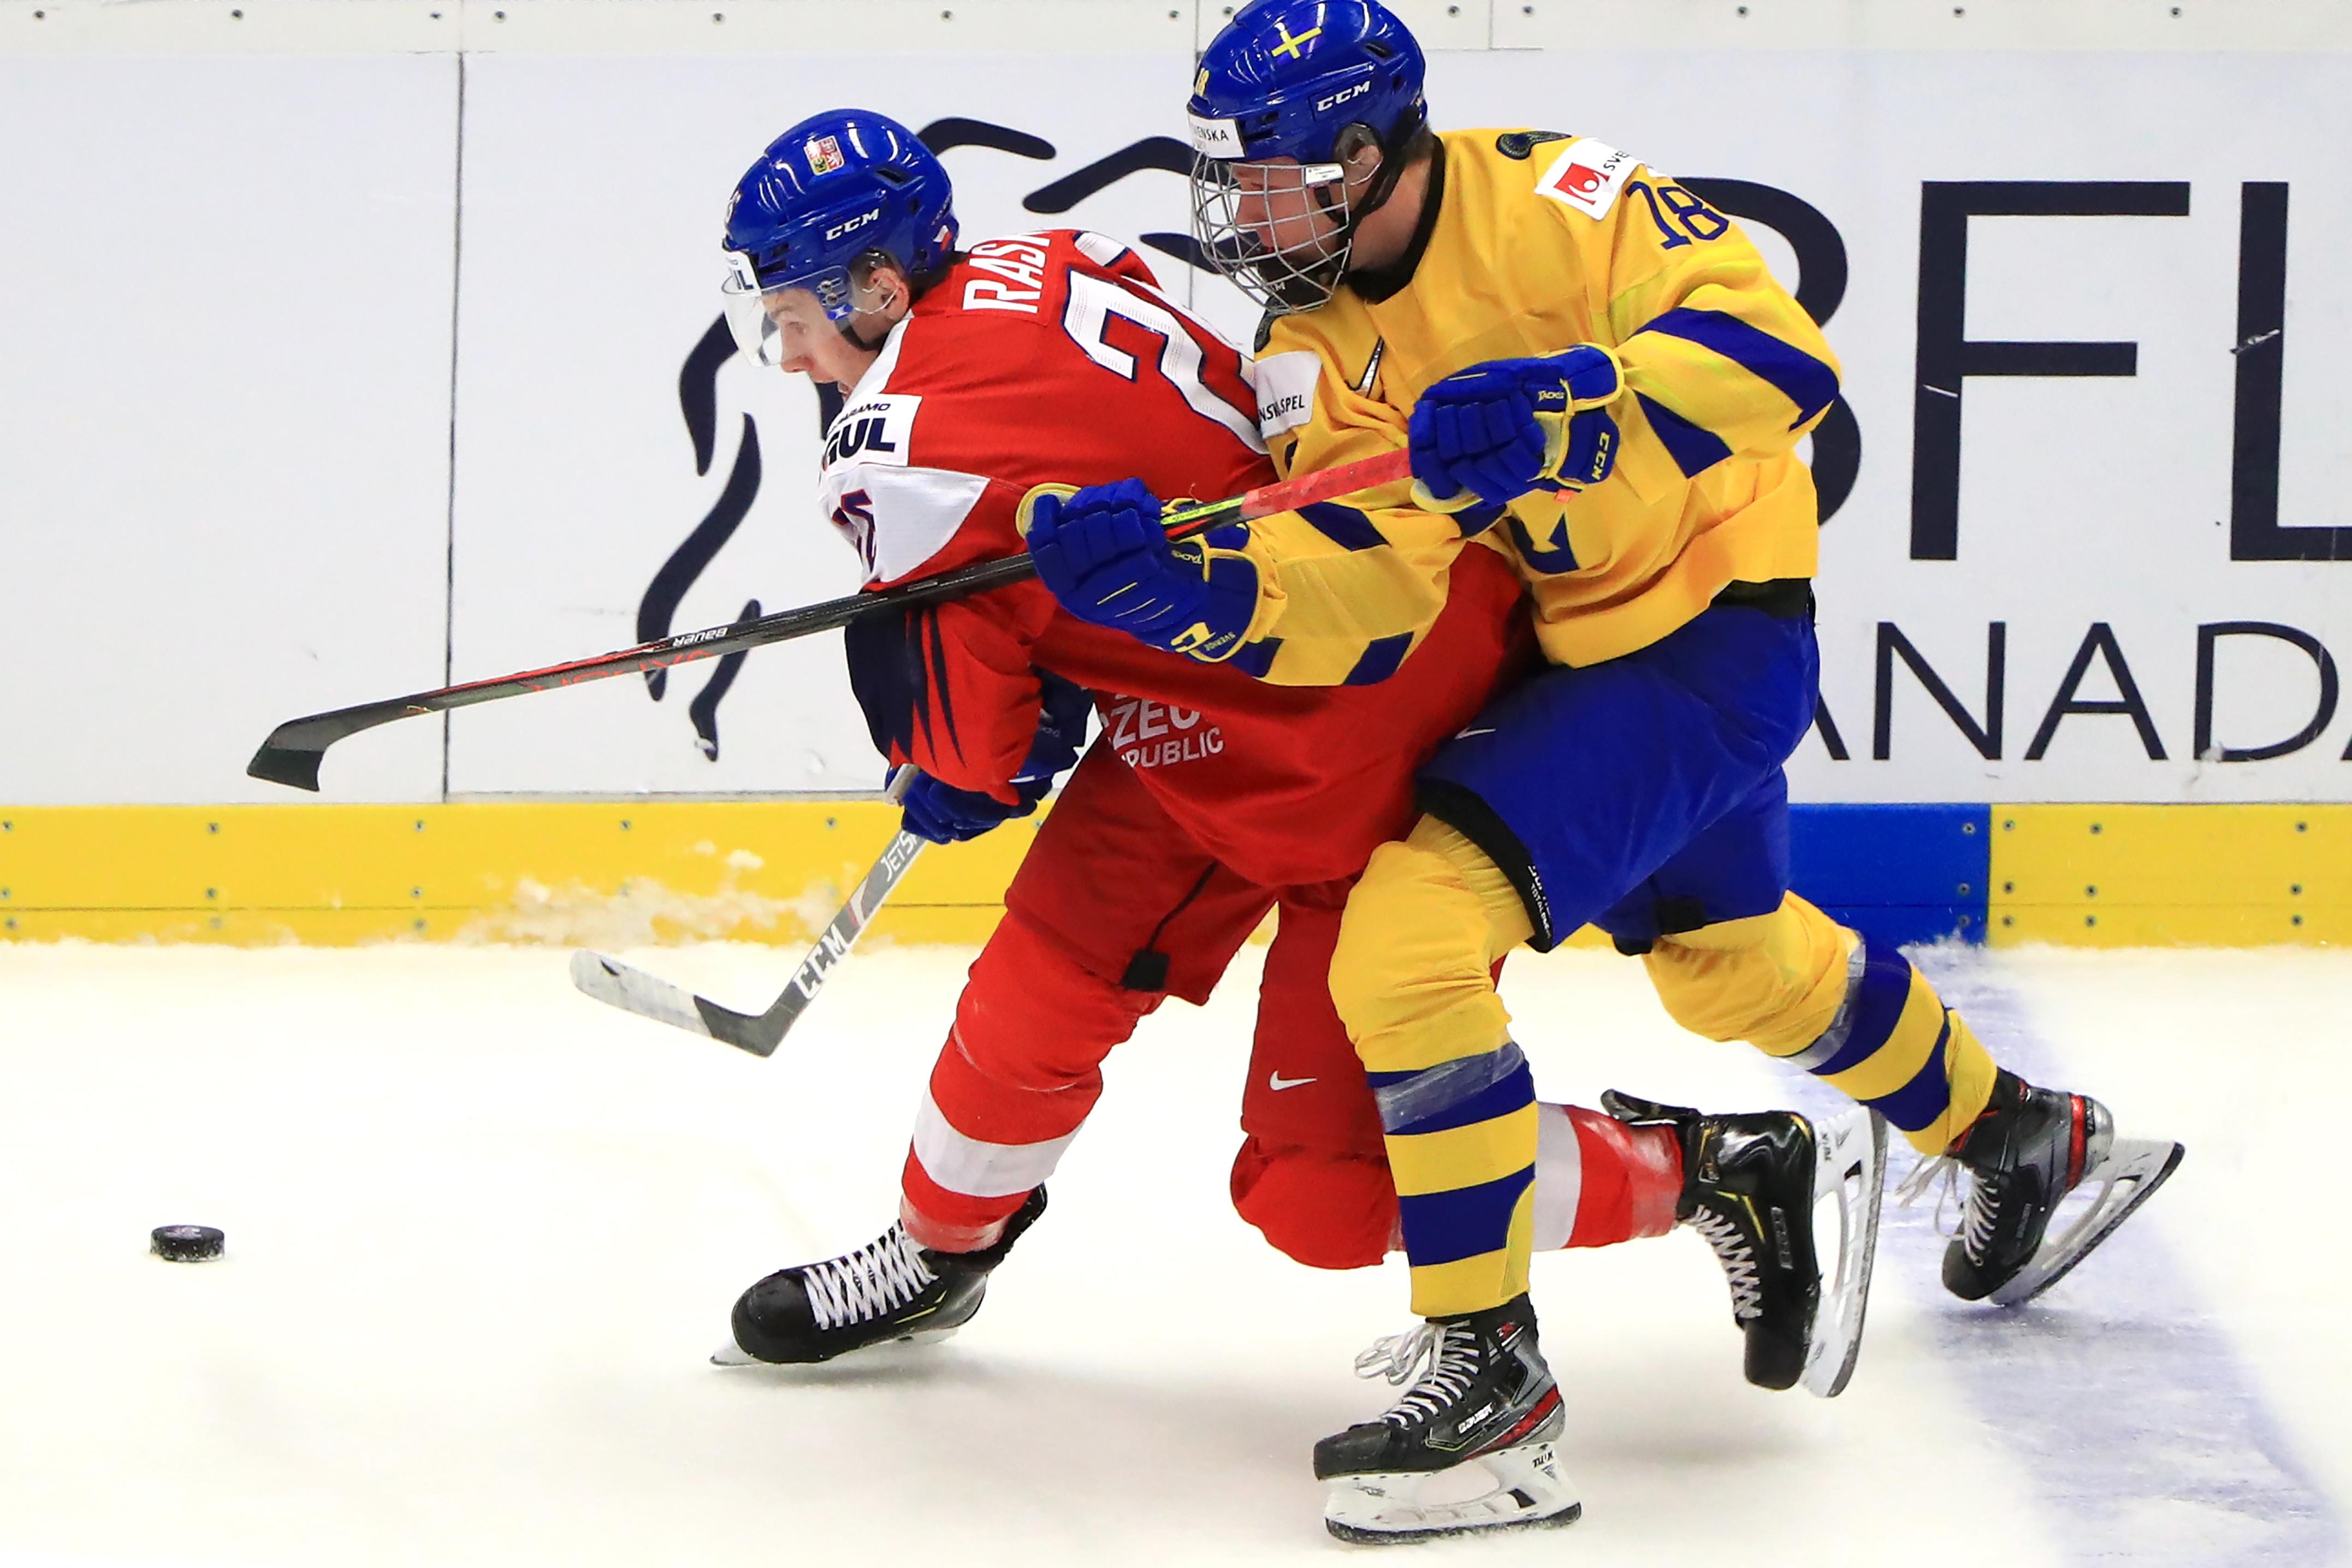 2020 IIHF World U20 Championship, quarter-finals: Sweden vs Czech Republic